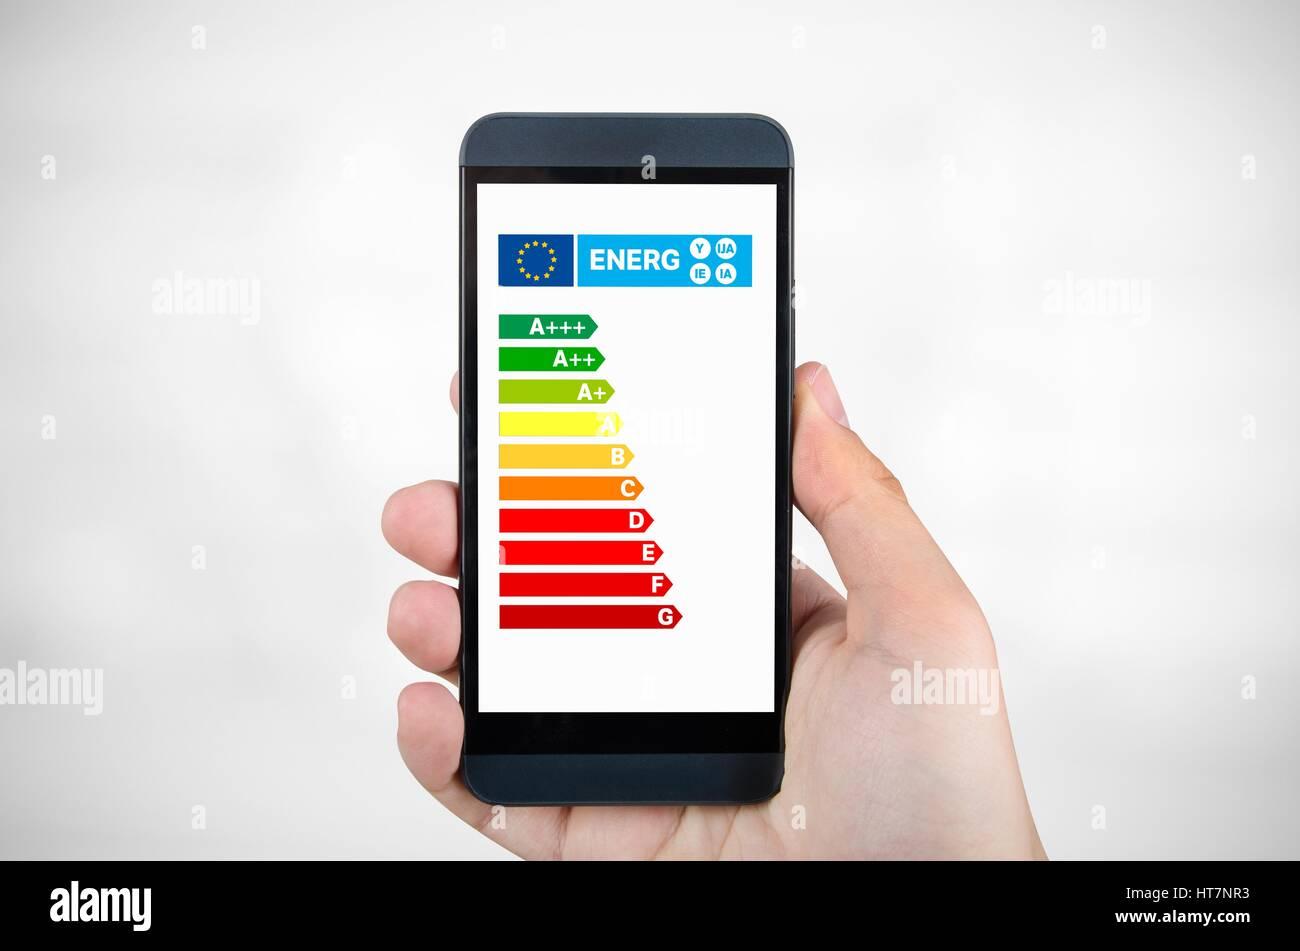 Hombre sujetando smartphone con gráfico de eficiencia energética. Ahorros en concepto de hogar Imagen De Stock